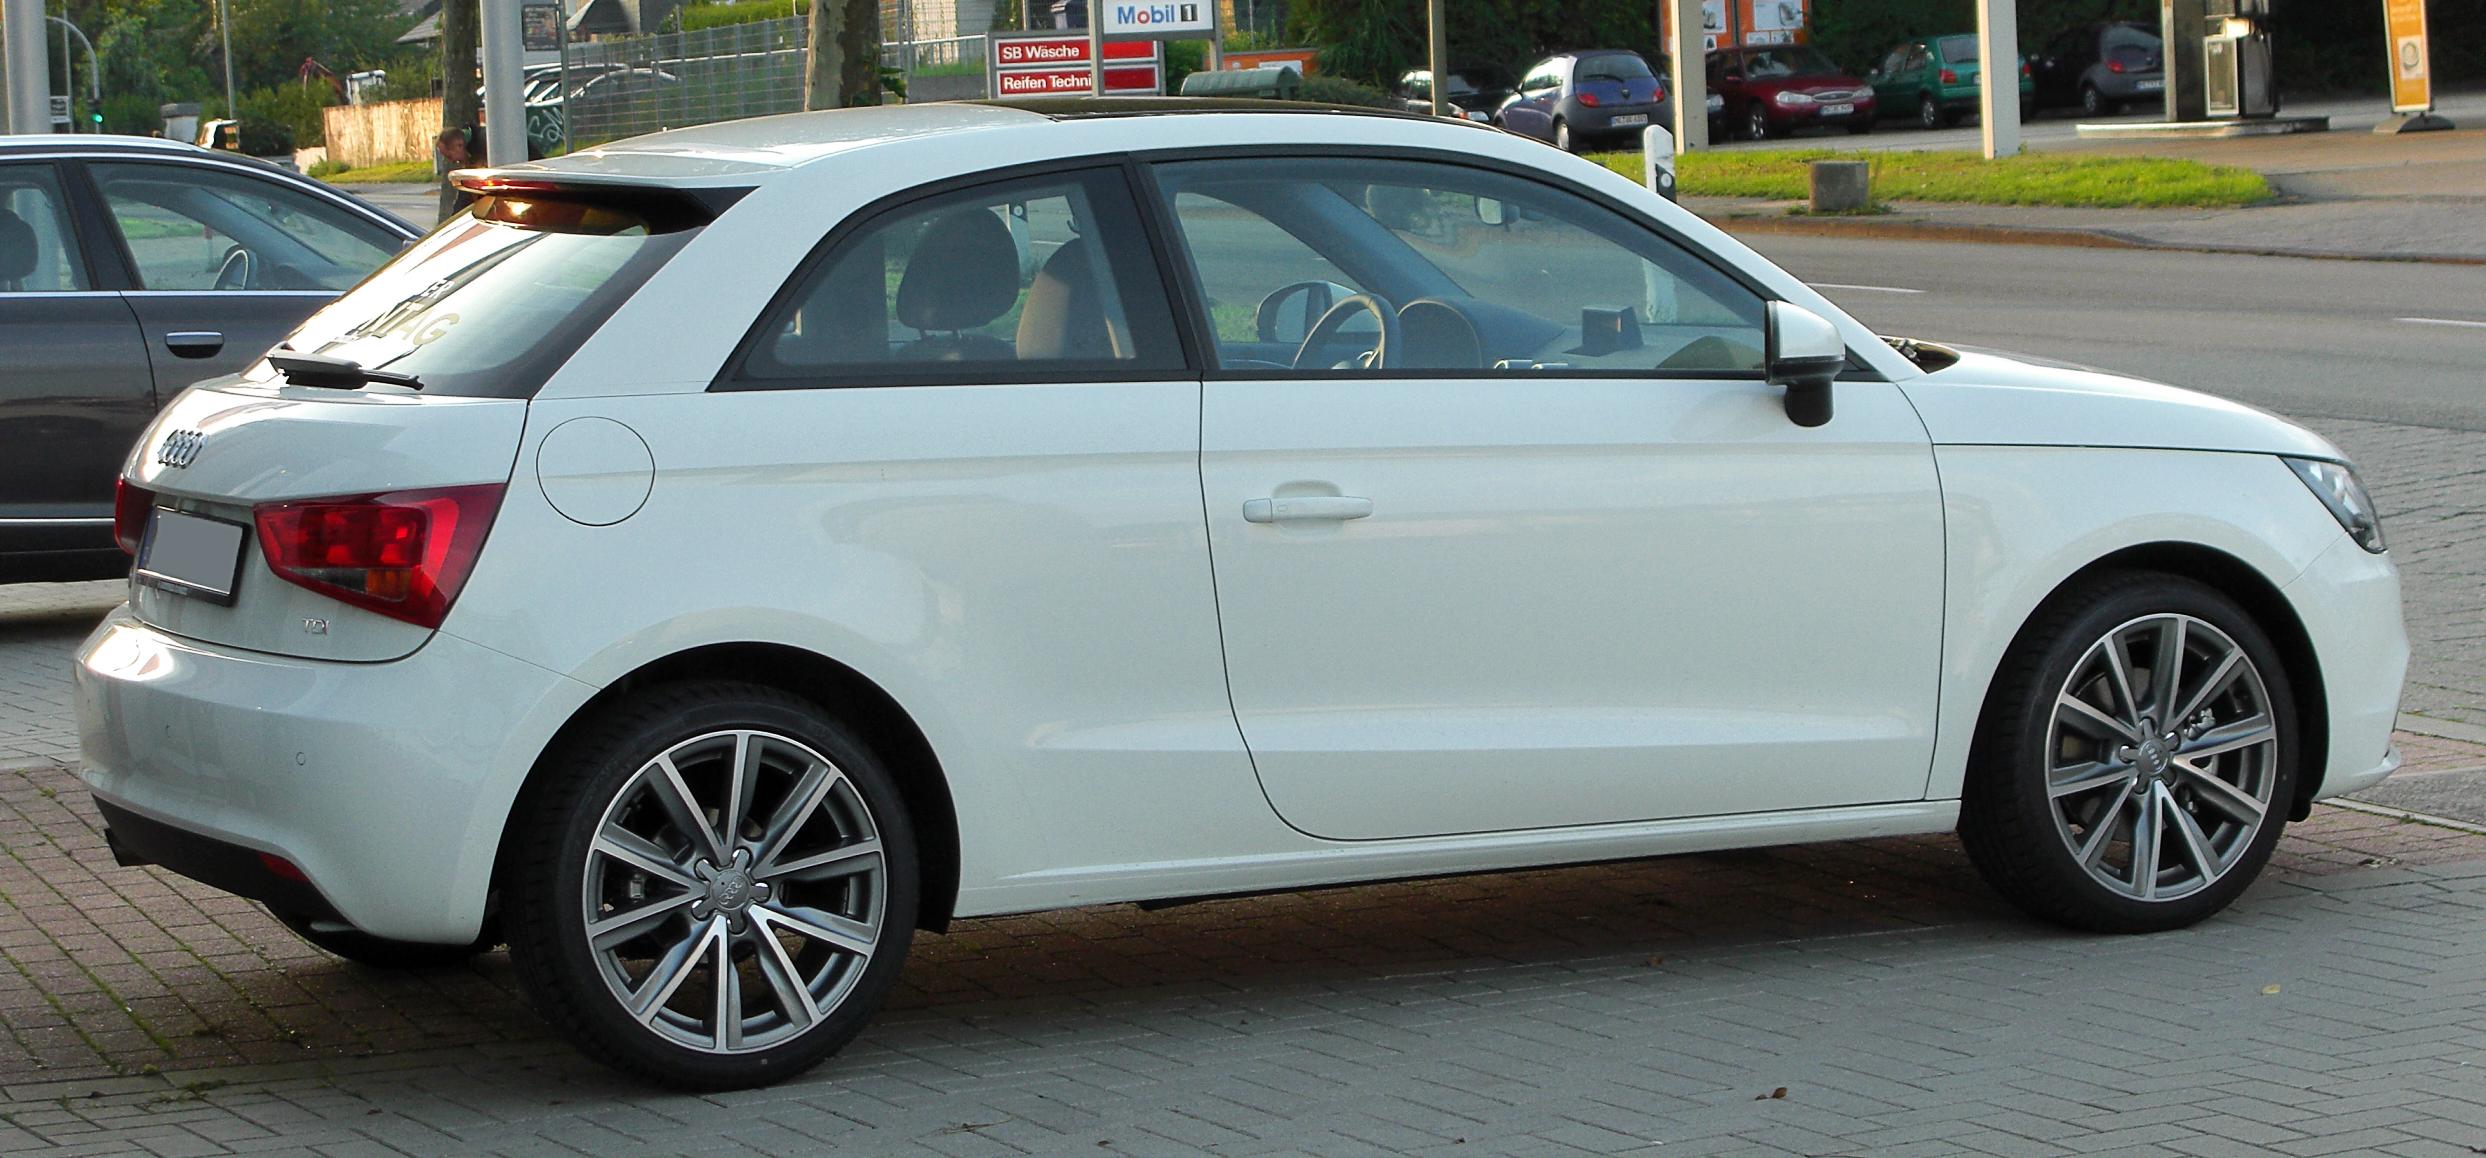 File:Audi A1 1.6 TDI Ambition rear 20100901.jpg - Wikimedia Commons